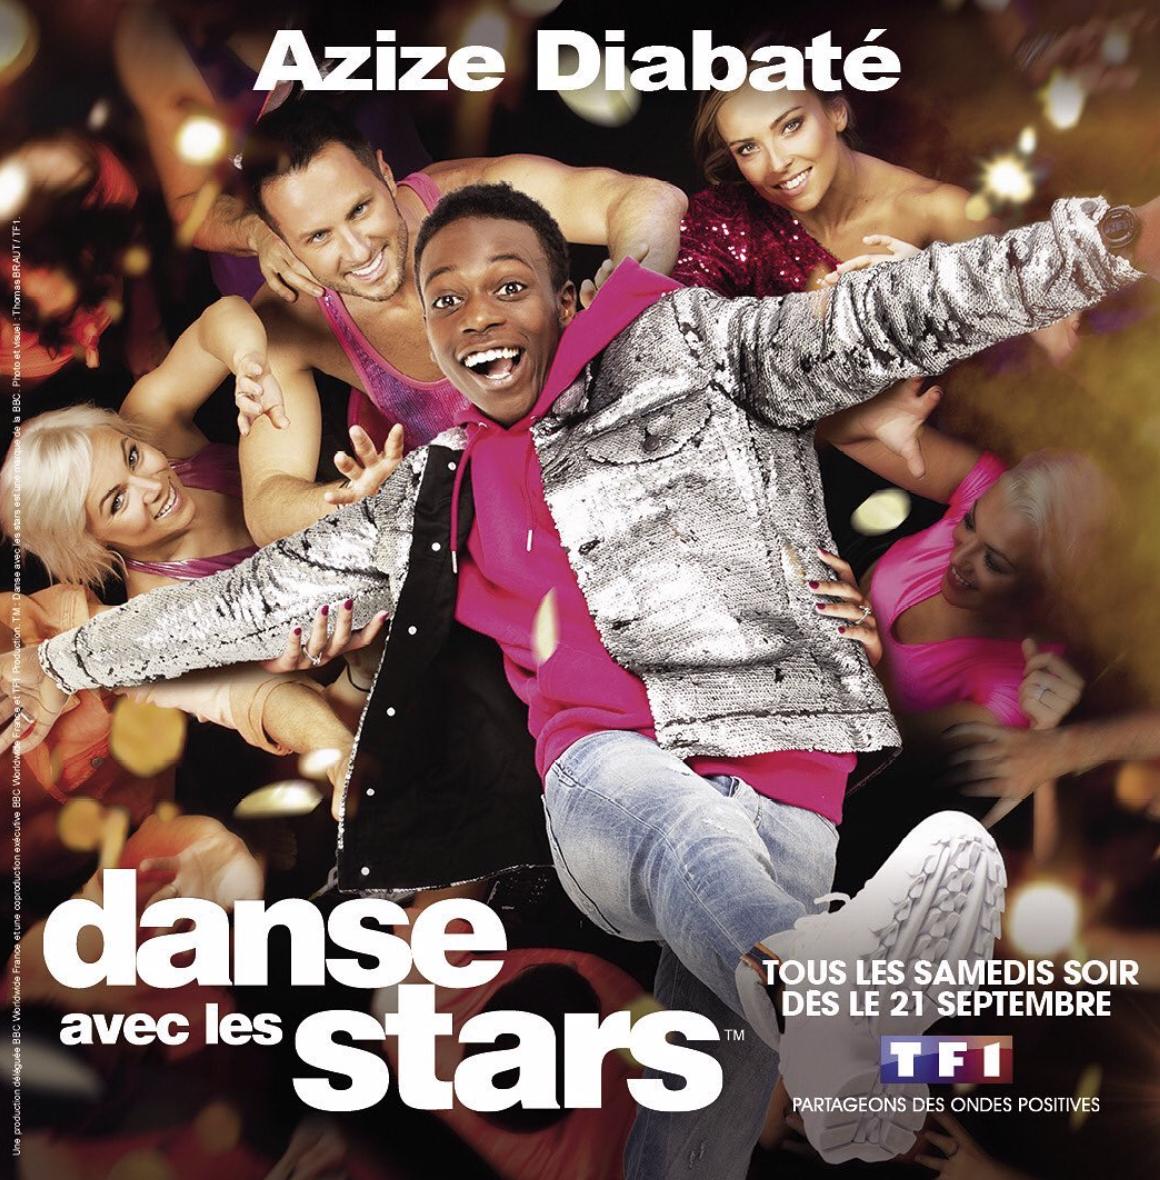 Azize Diabate - DALS 10 - DALS - Danse Avec Les Stars 10 - Danse Avec Les Stars - TF1 - Denitsa Ikonomova